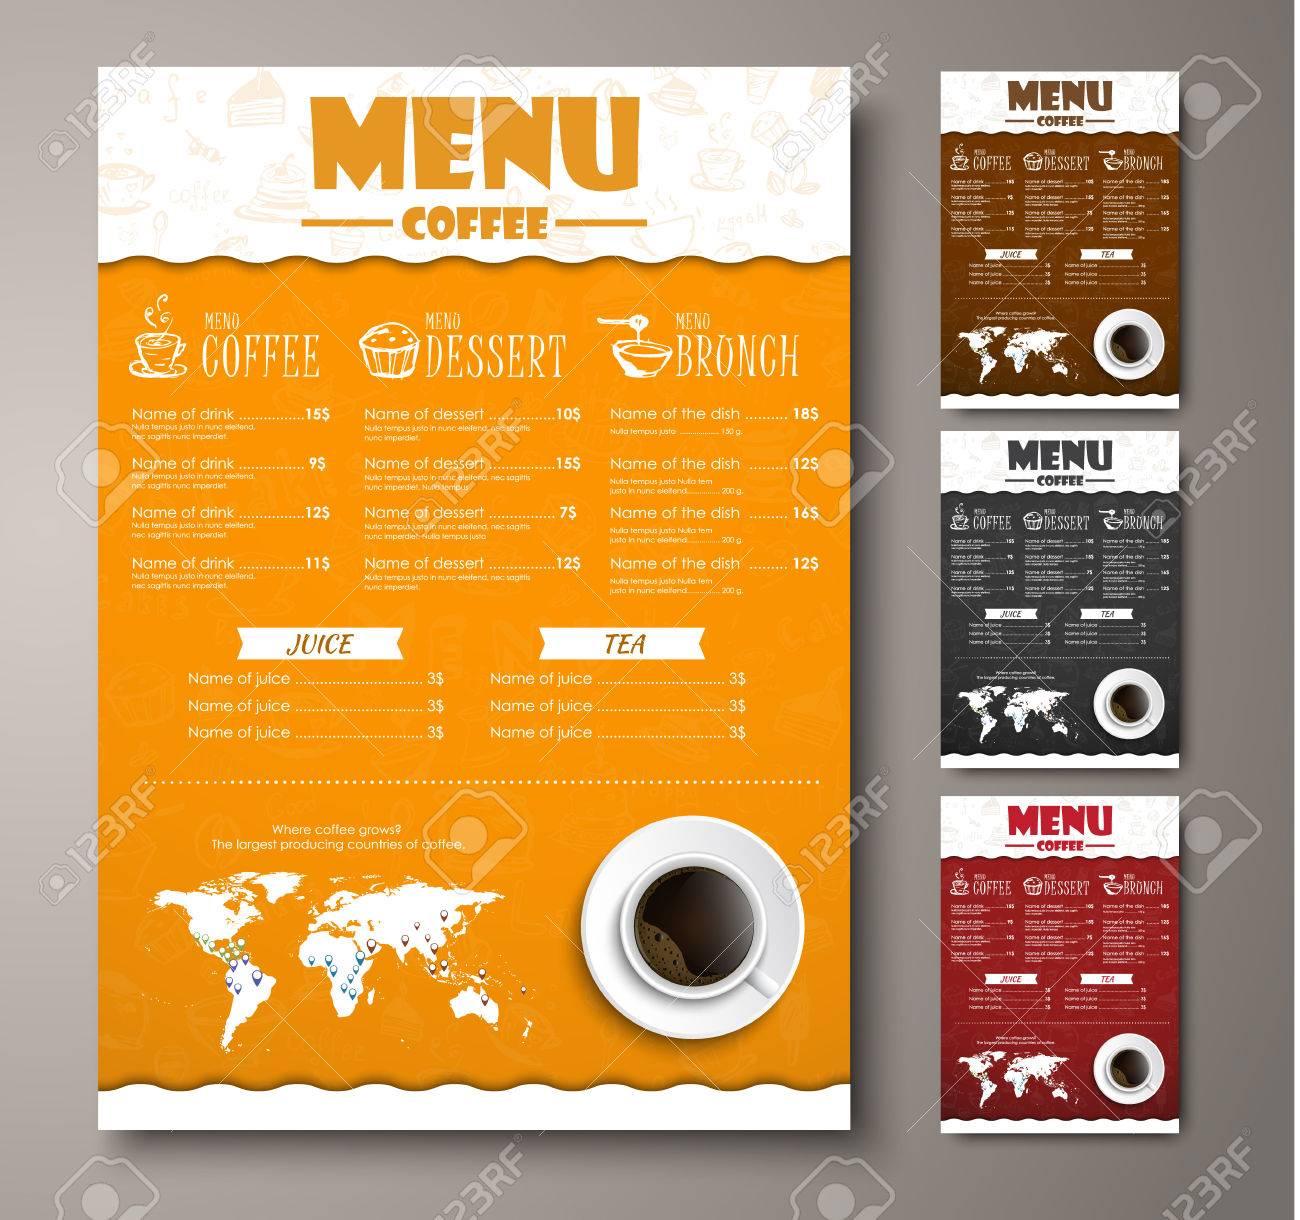 Design A Menu For The Cafe, A Restaurant, Coffee Shop. Templates Orange,